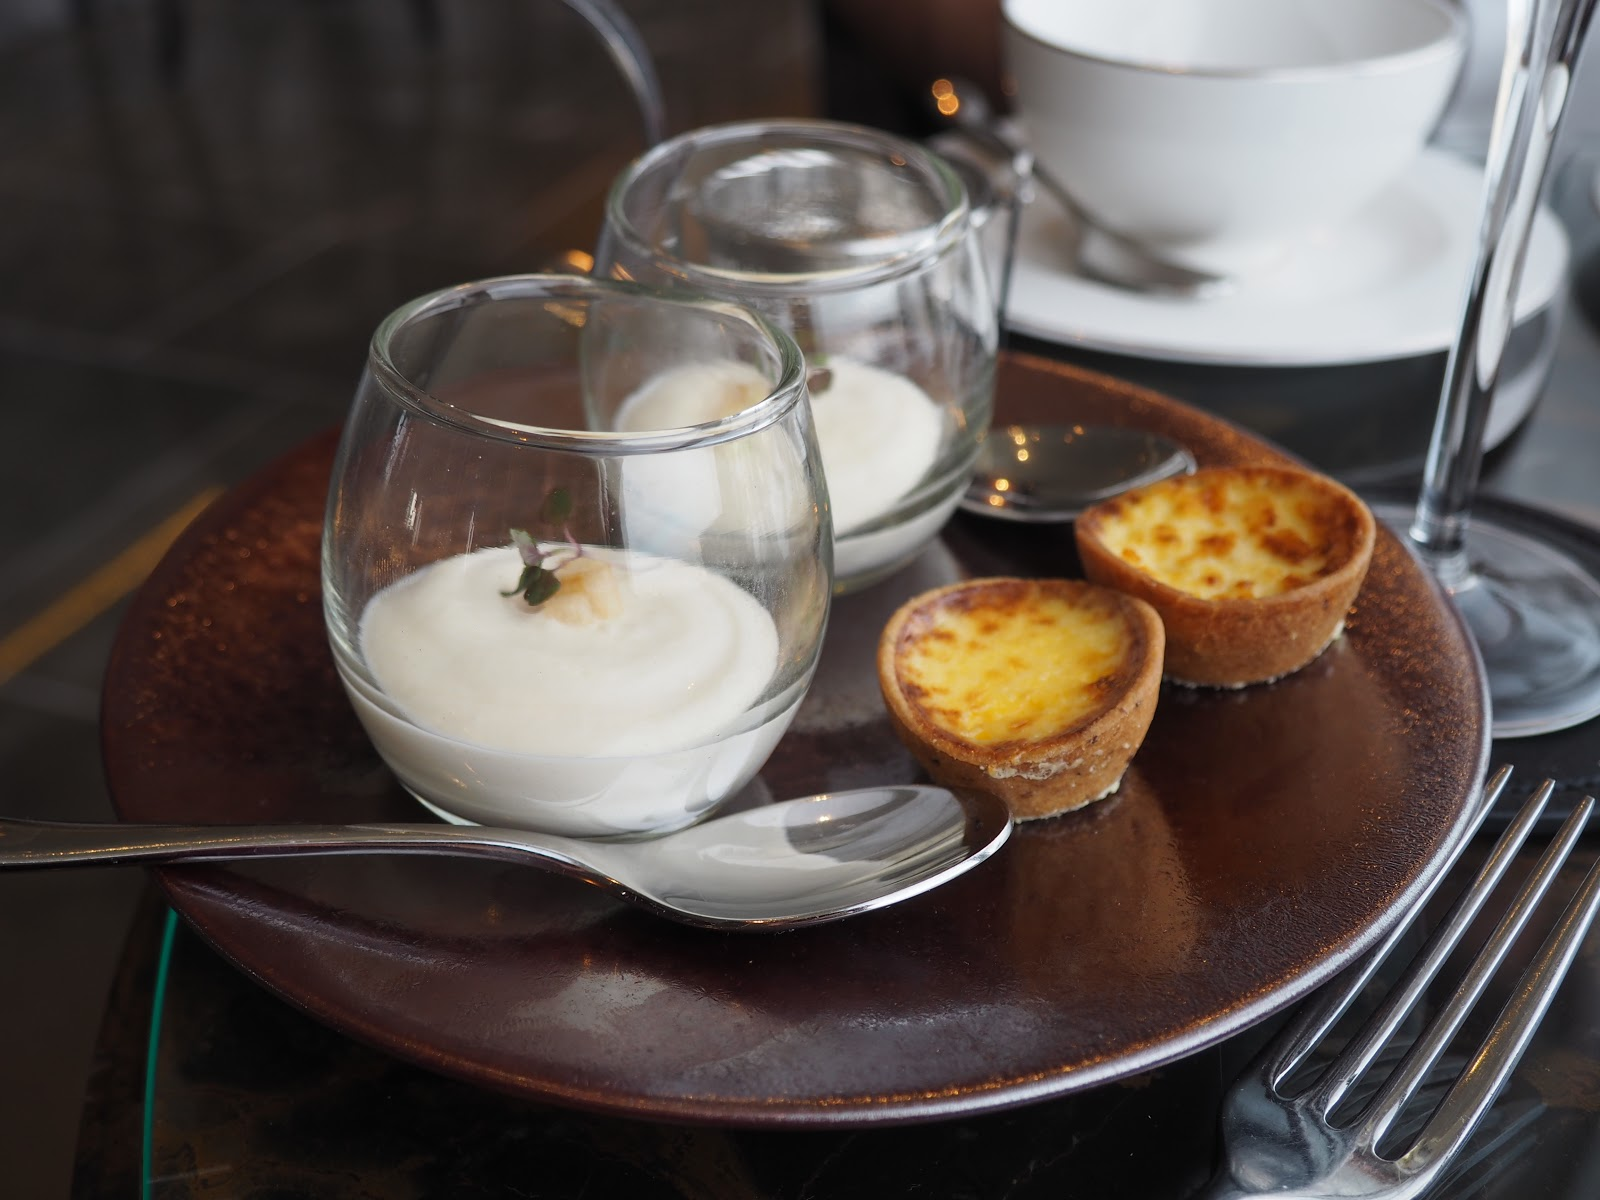 Afternoon Tea at GONG Bar at the Shangri La at The Shard